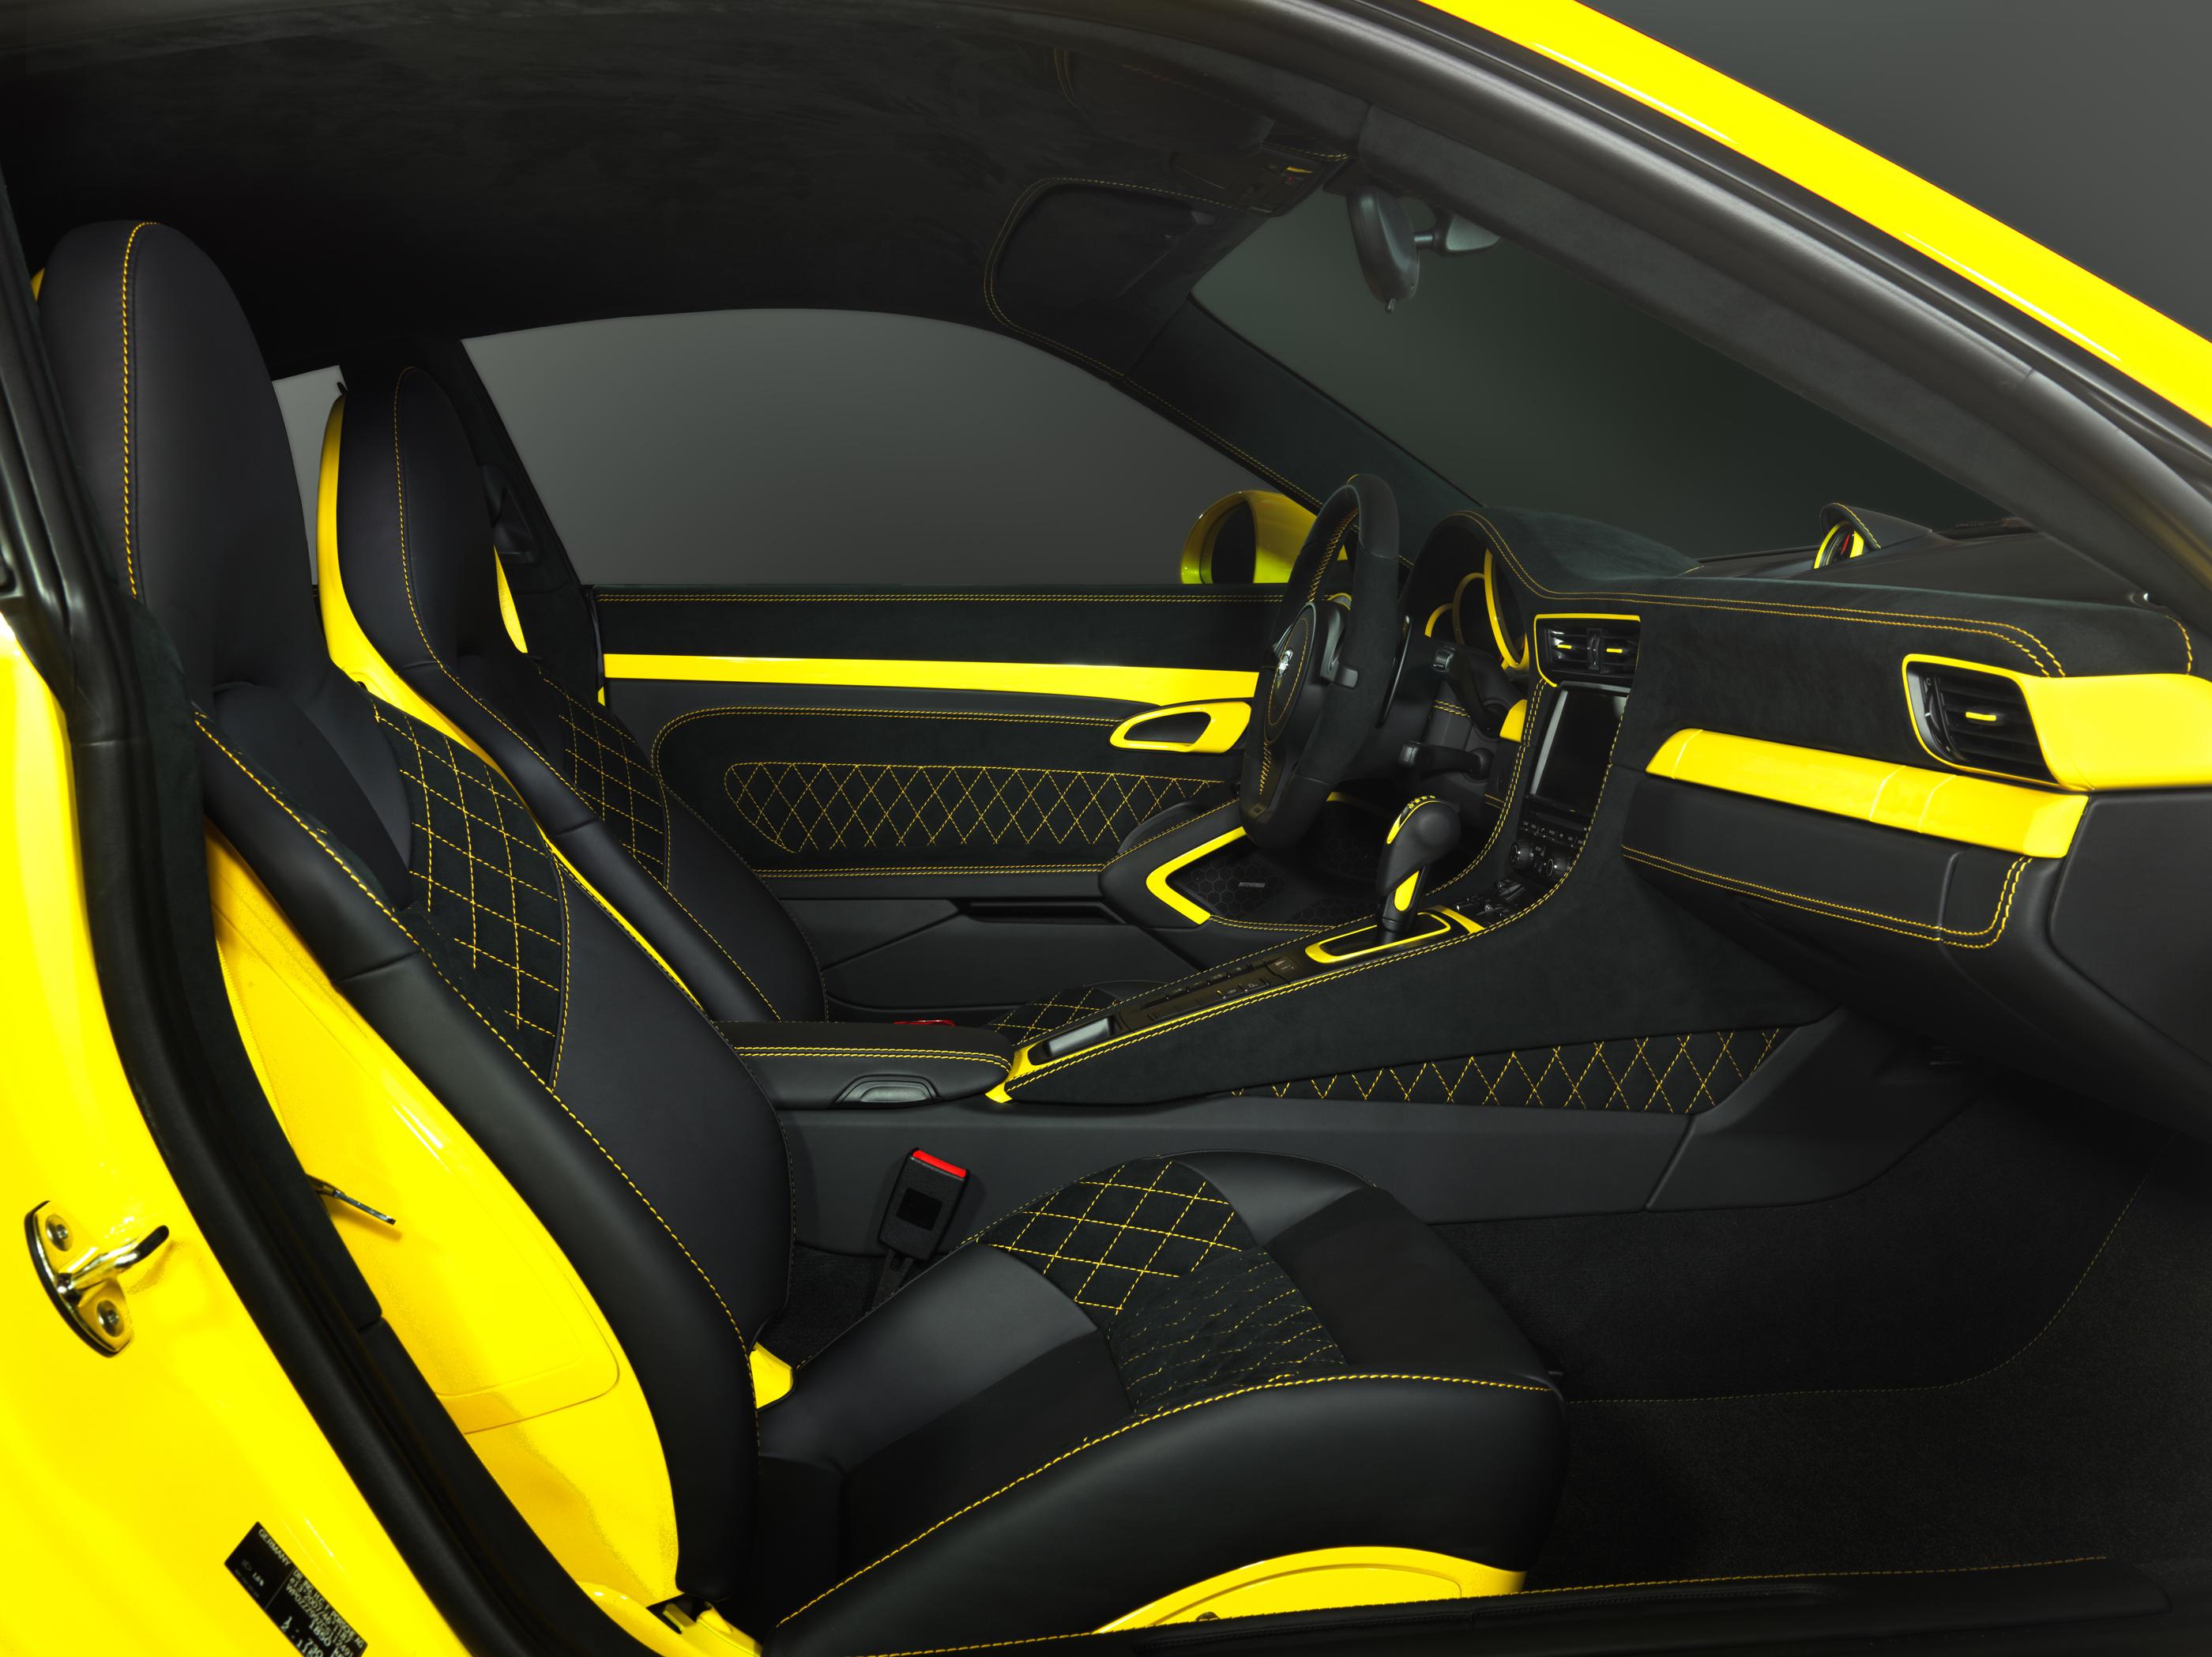 2014 porsche panamera interior car tuning - Porsche Tuning By Techart Interior